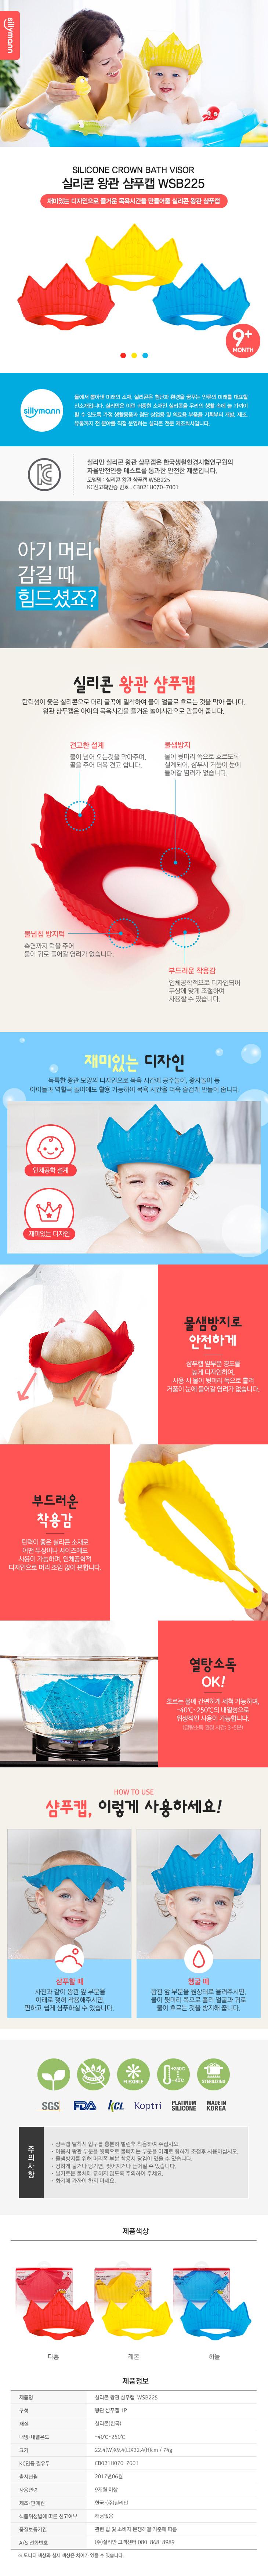 실리콘 왕관 샴푸캡 WSB225 - 실리만, 15,300원, 목욕용품, 목욕장난감/소품